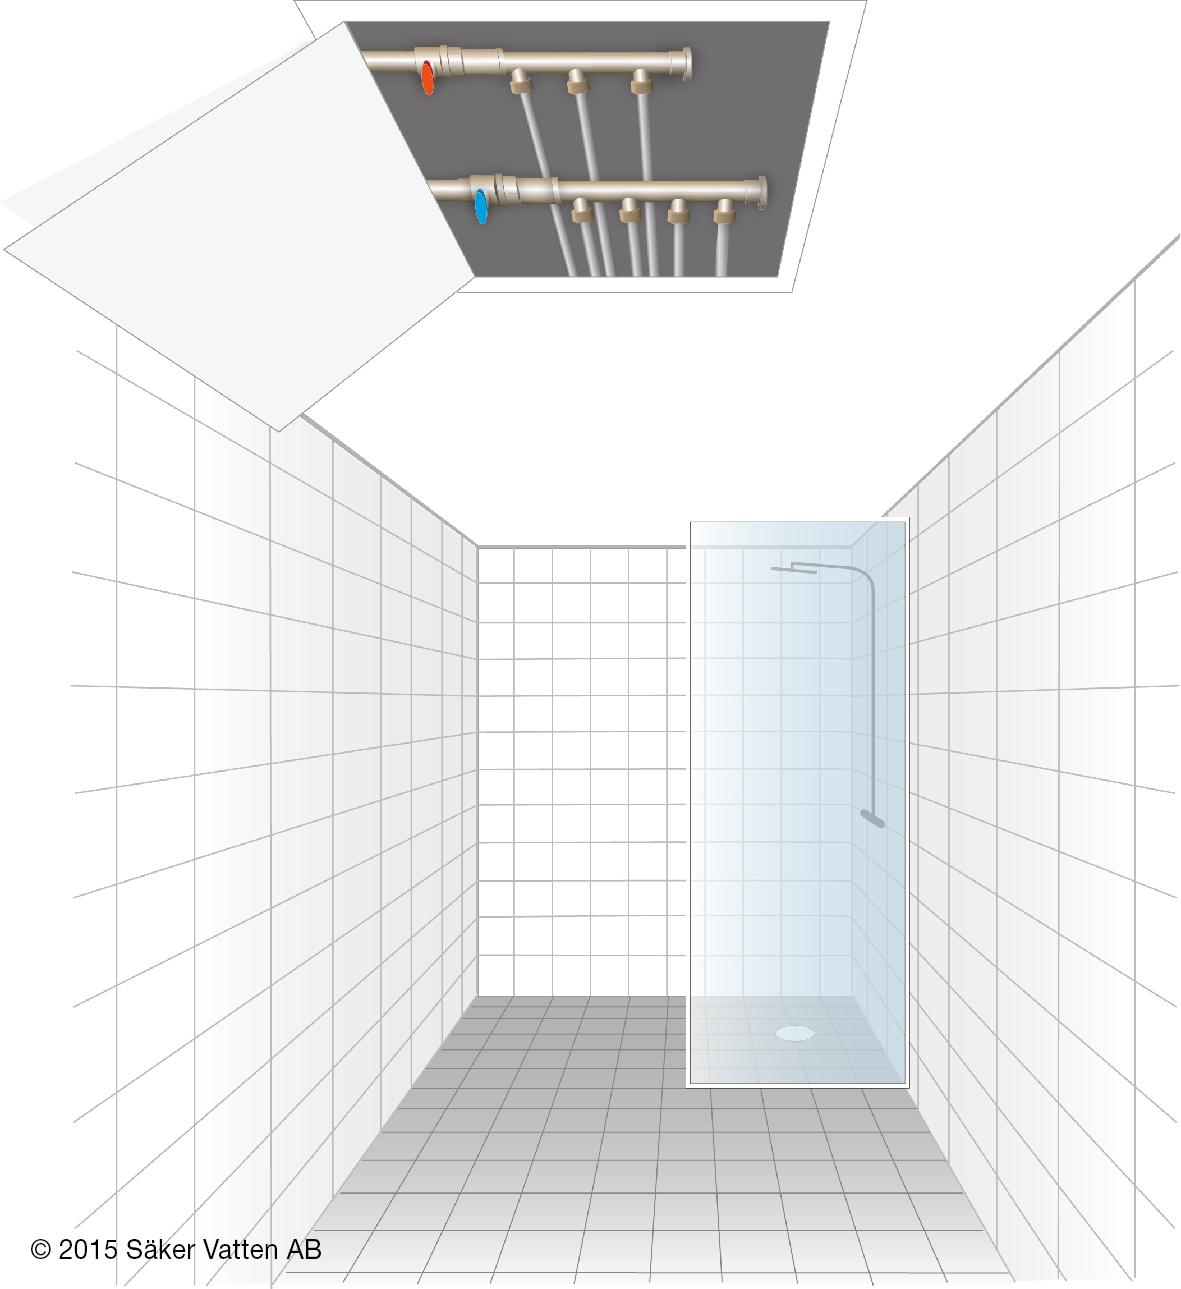 Montering badrumsskåp höjd u2013 Familjens vattenförfaranden